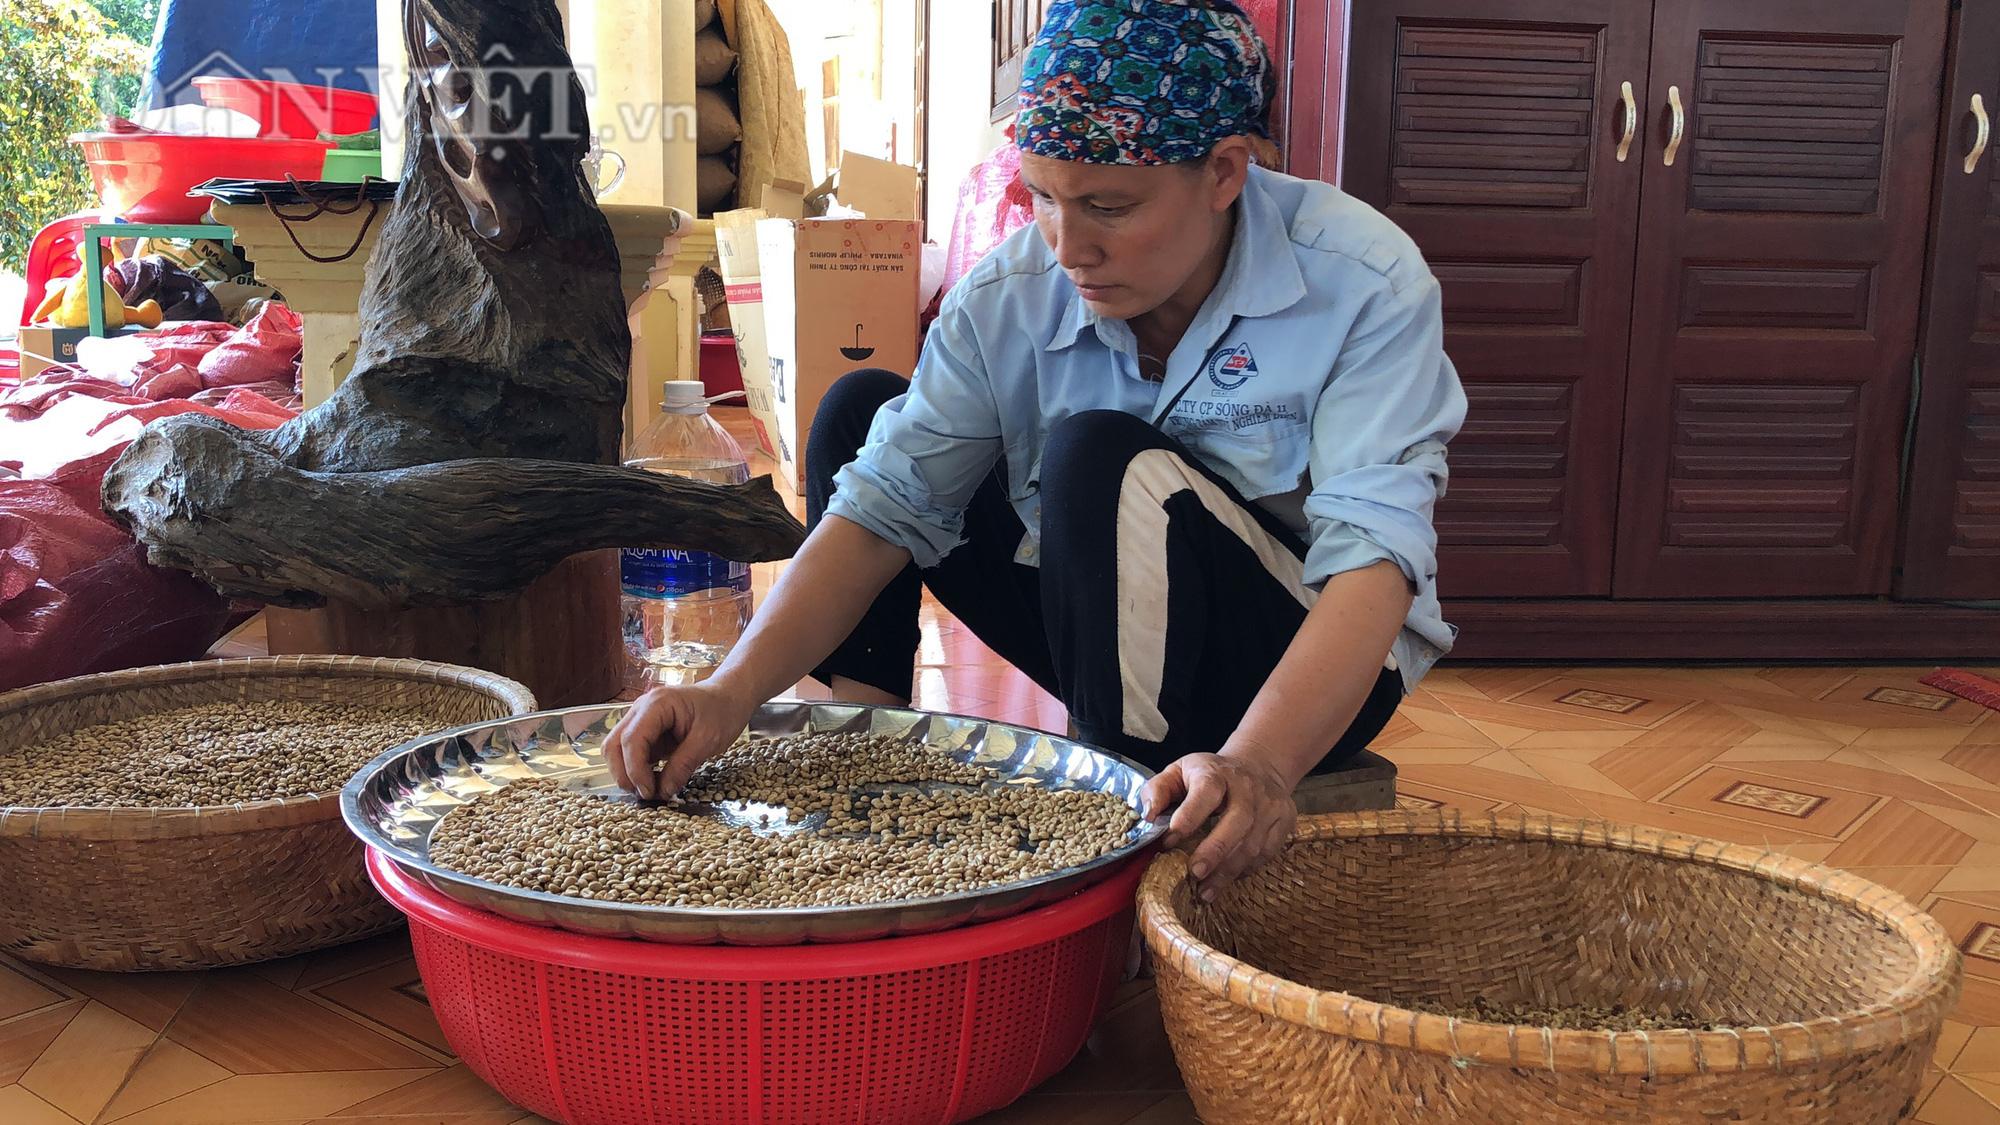 Đôi vợ chồng nông dân mày mò làm cà phê sạch từ A đến Z - Ảnh 4.